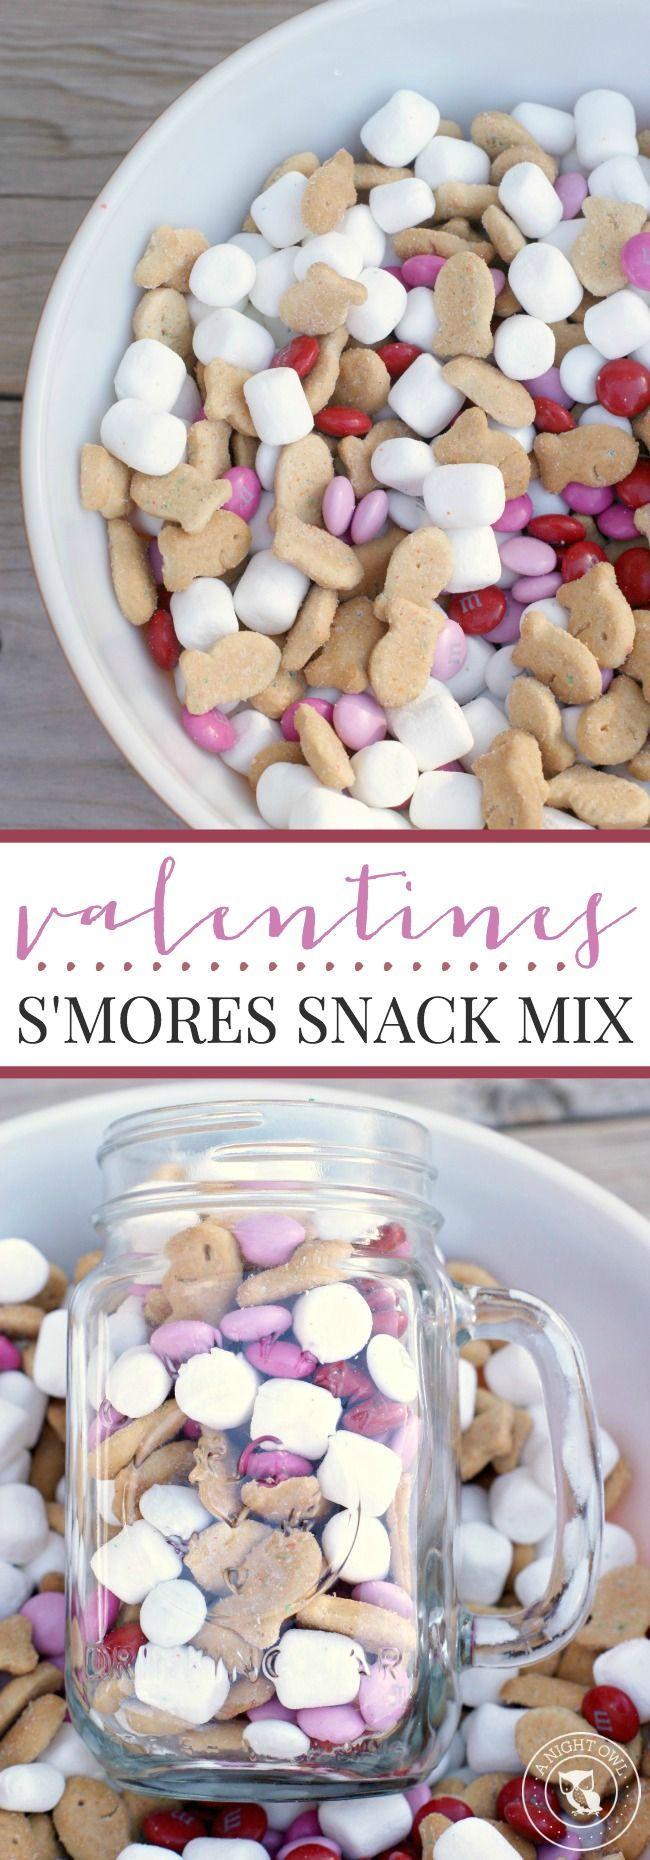 Valentines Smores Snack Mix